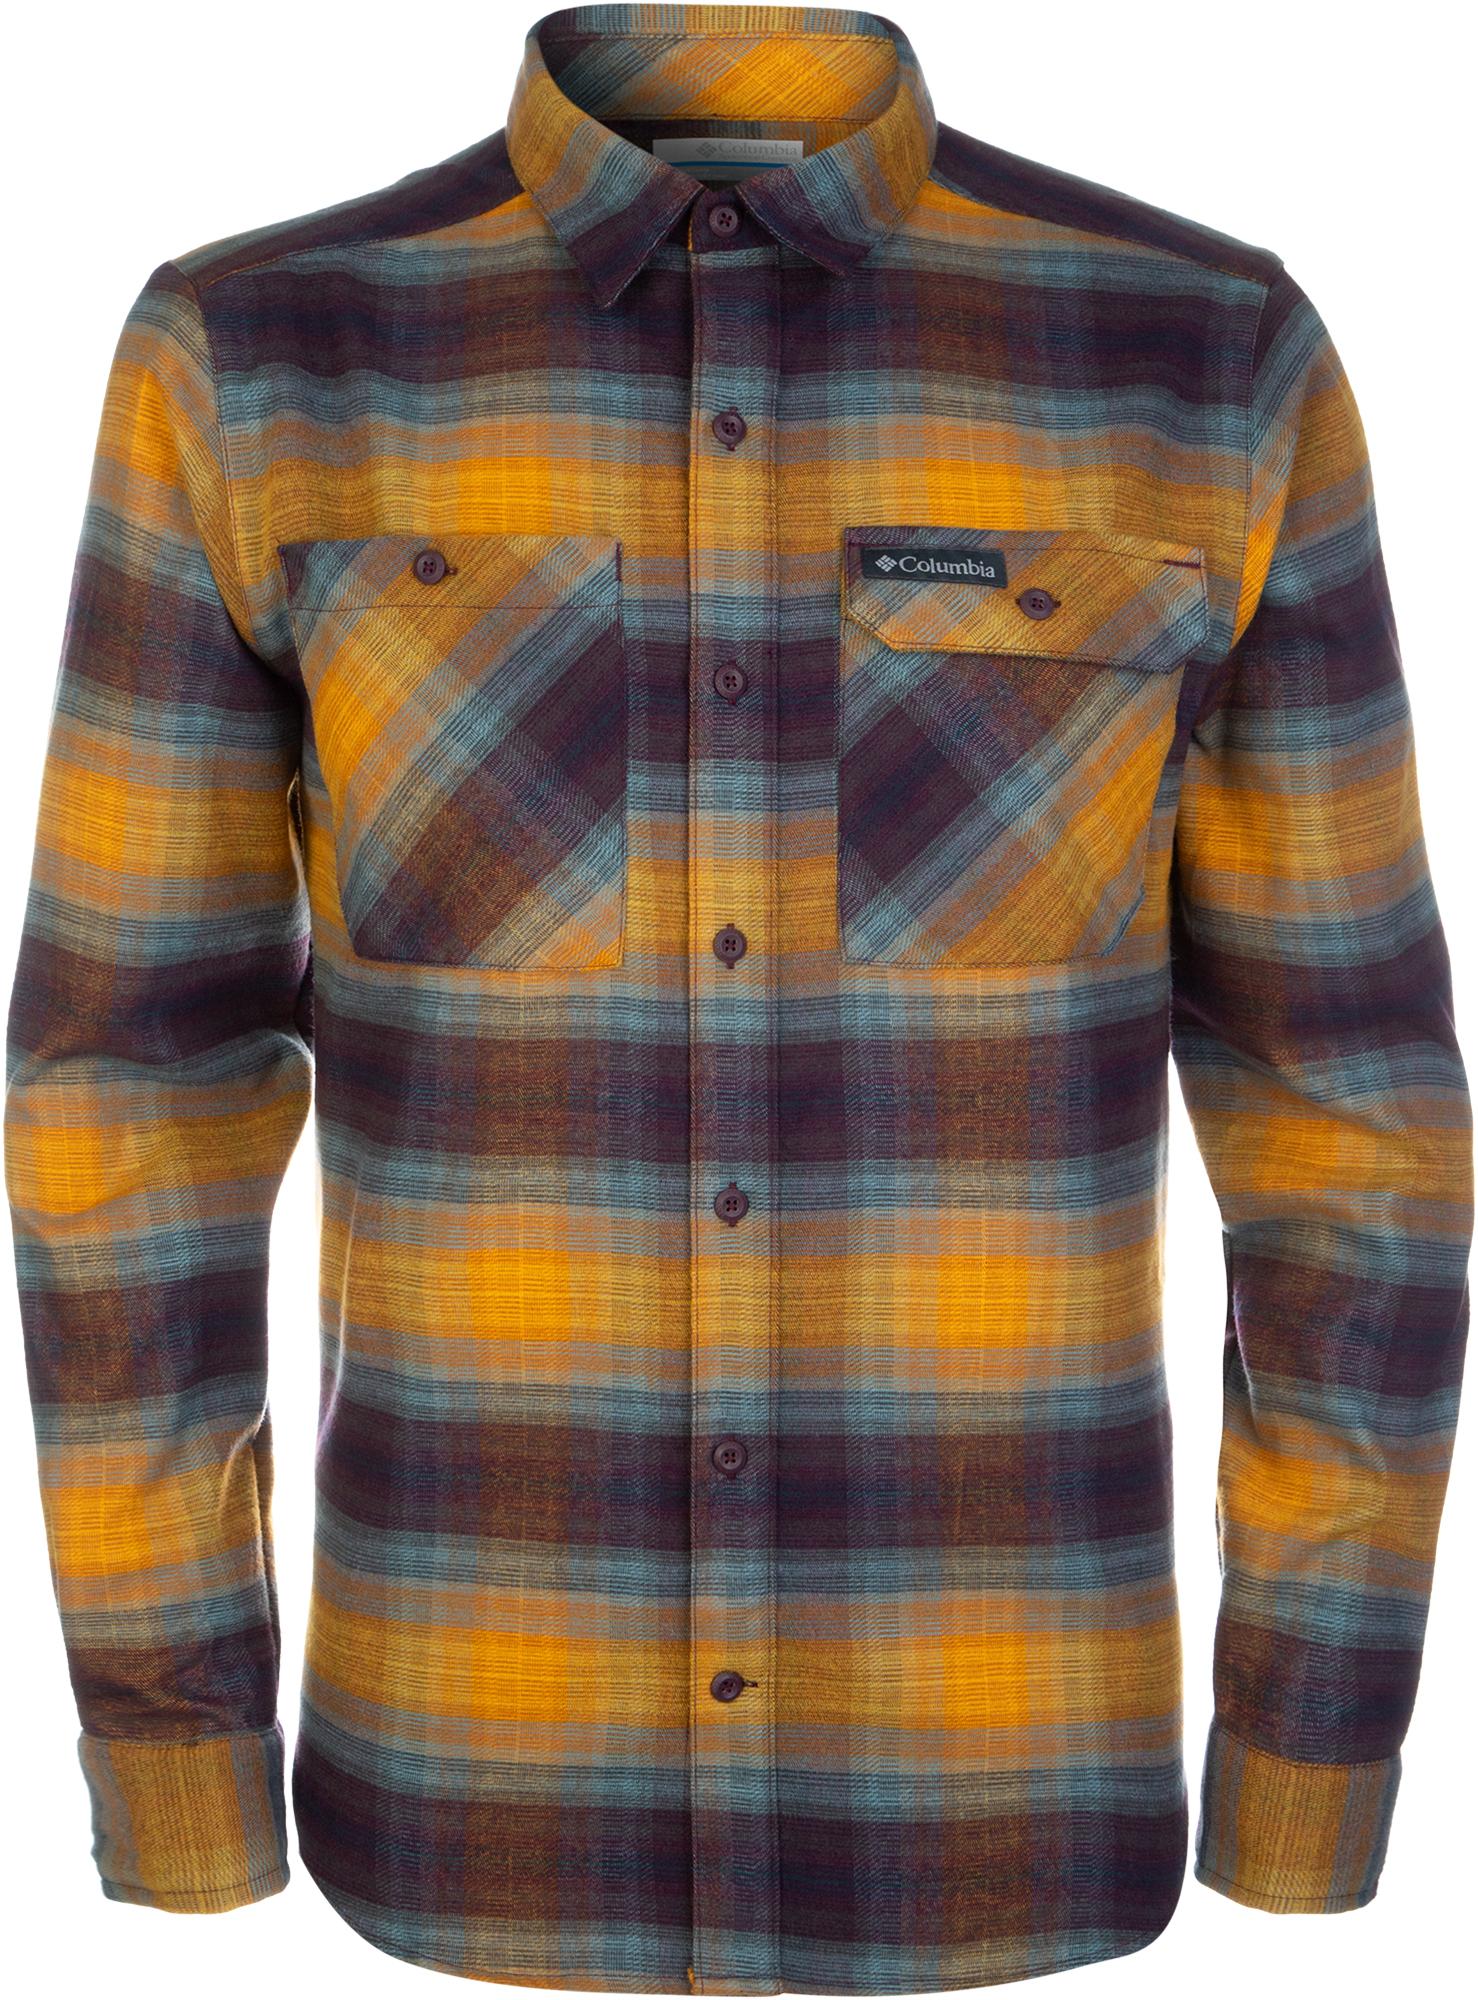 цена на Columbia Рубашка мужская Columbia Outdoor Elements, размер 56-58